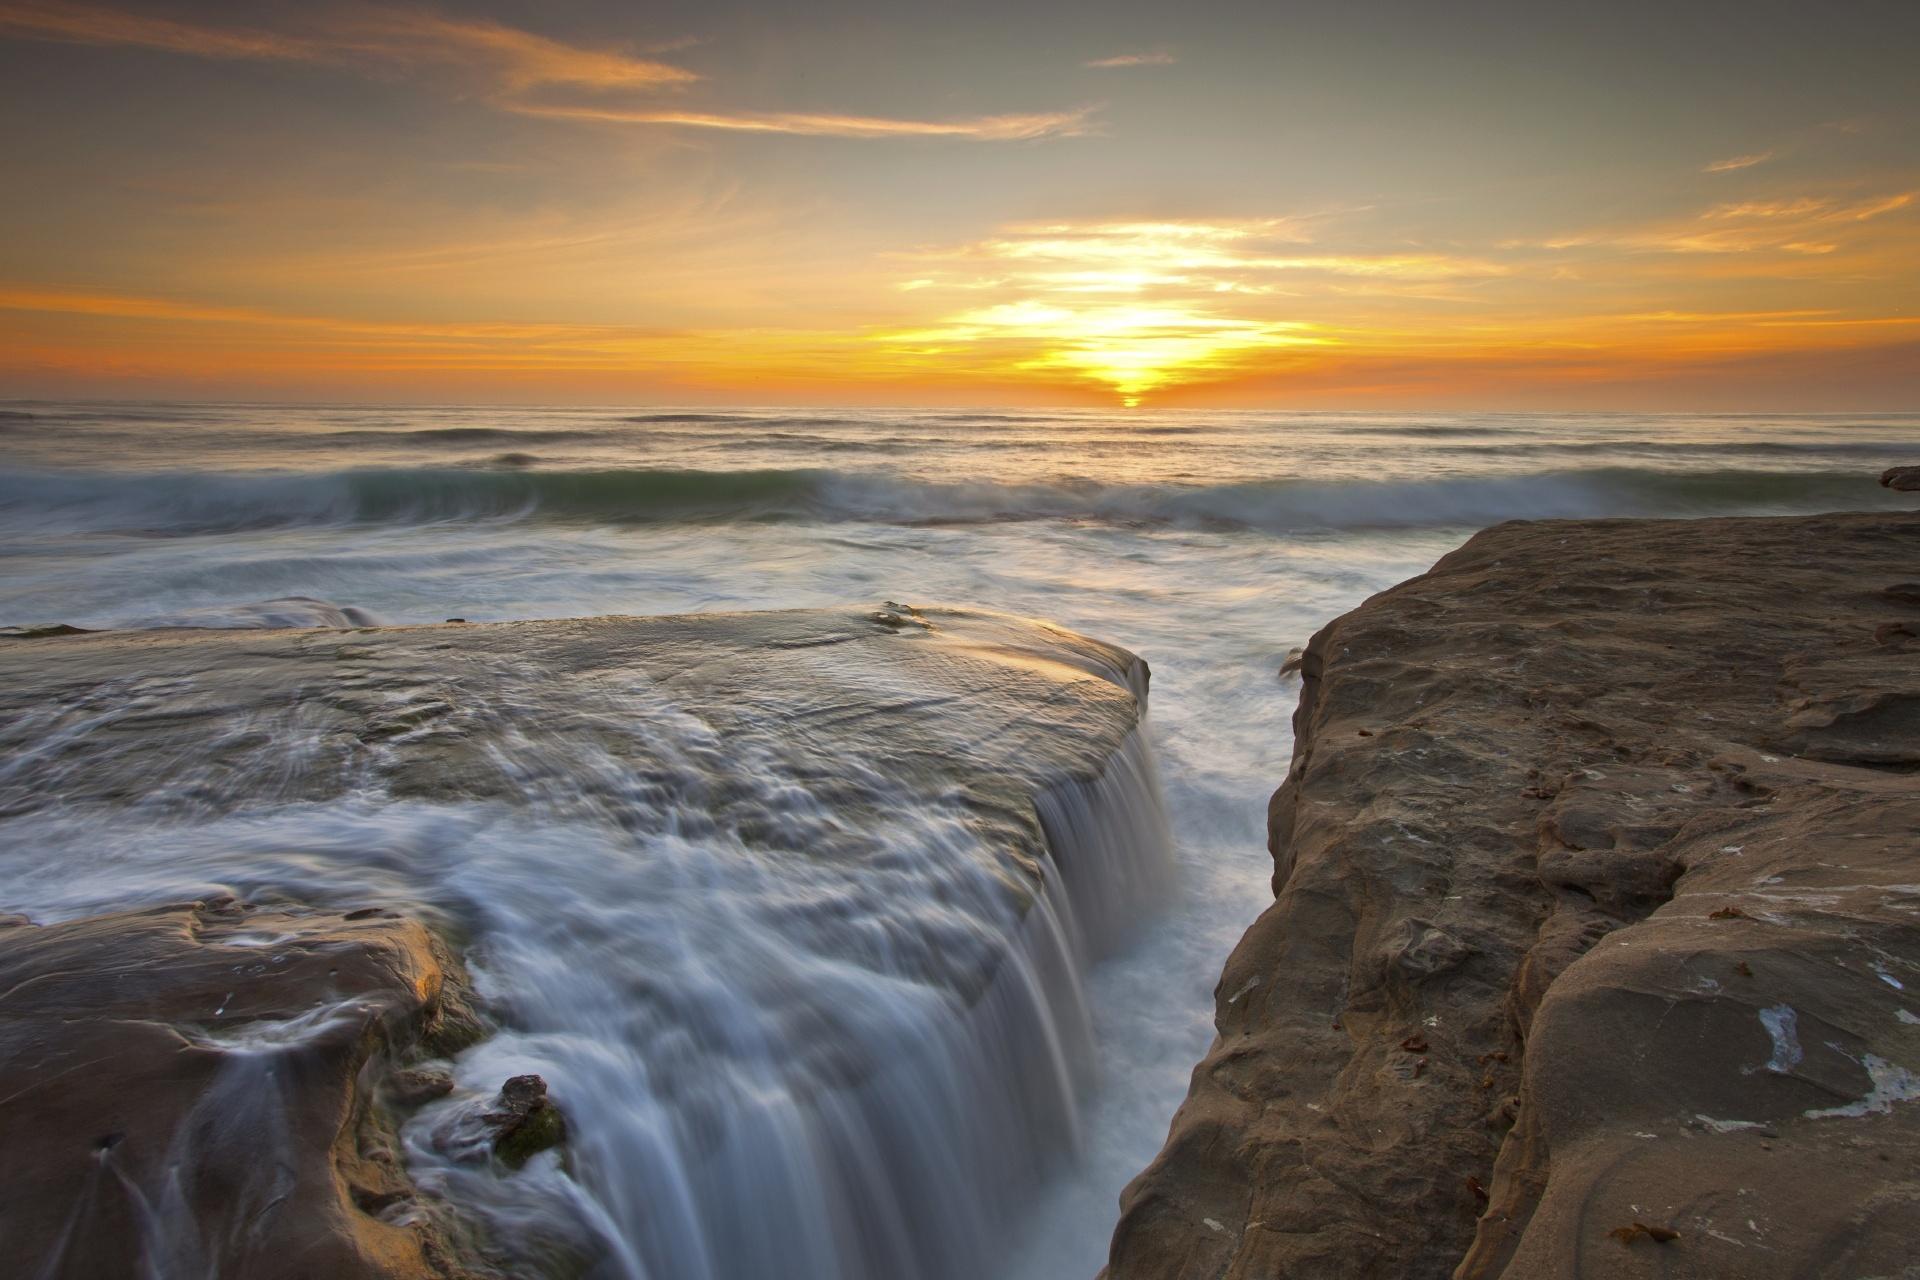 ウィンダンシービーチ アメリカの風景